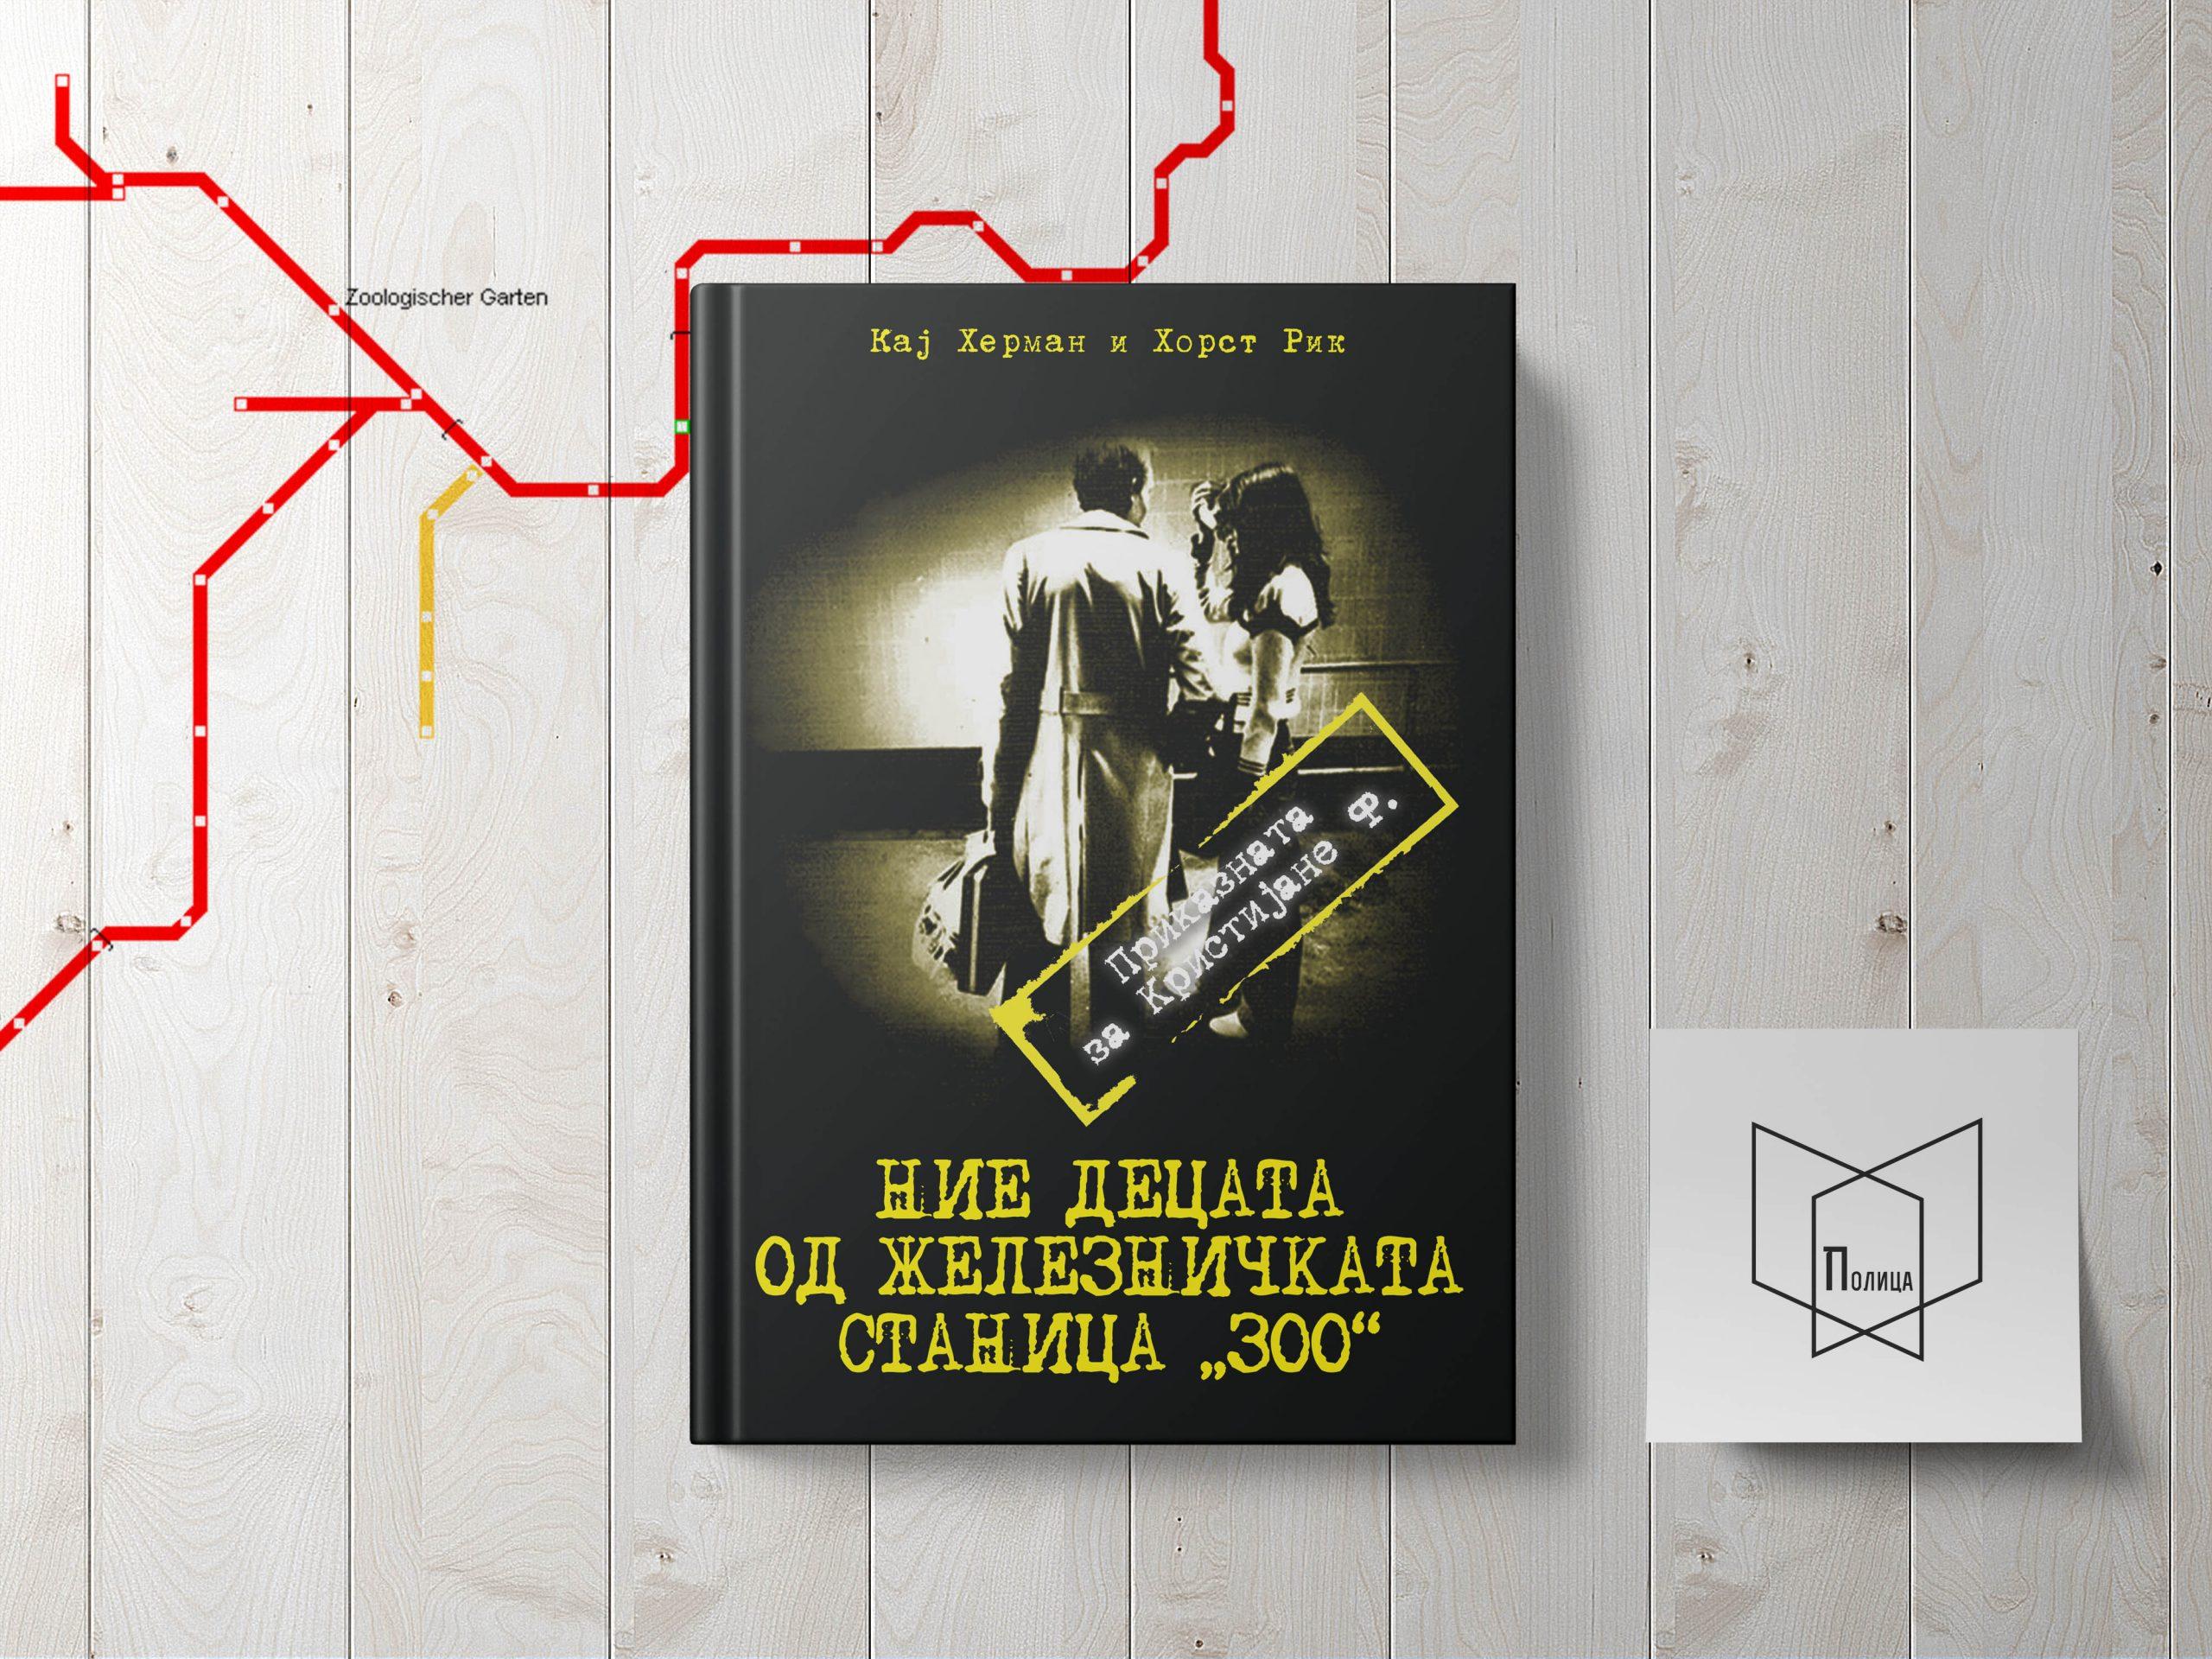 9. Nie decata od zeleznickata stanica ZOO